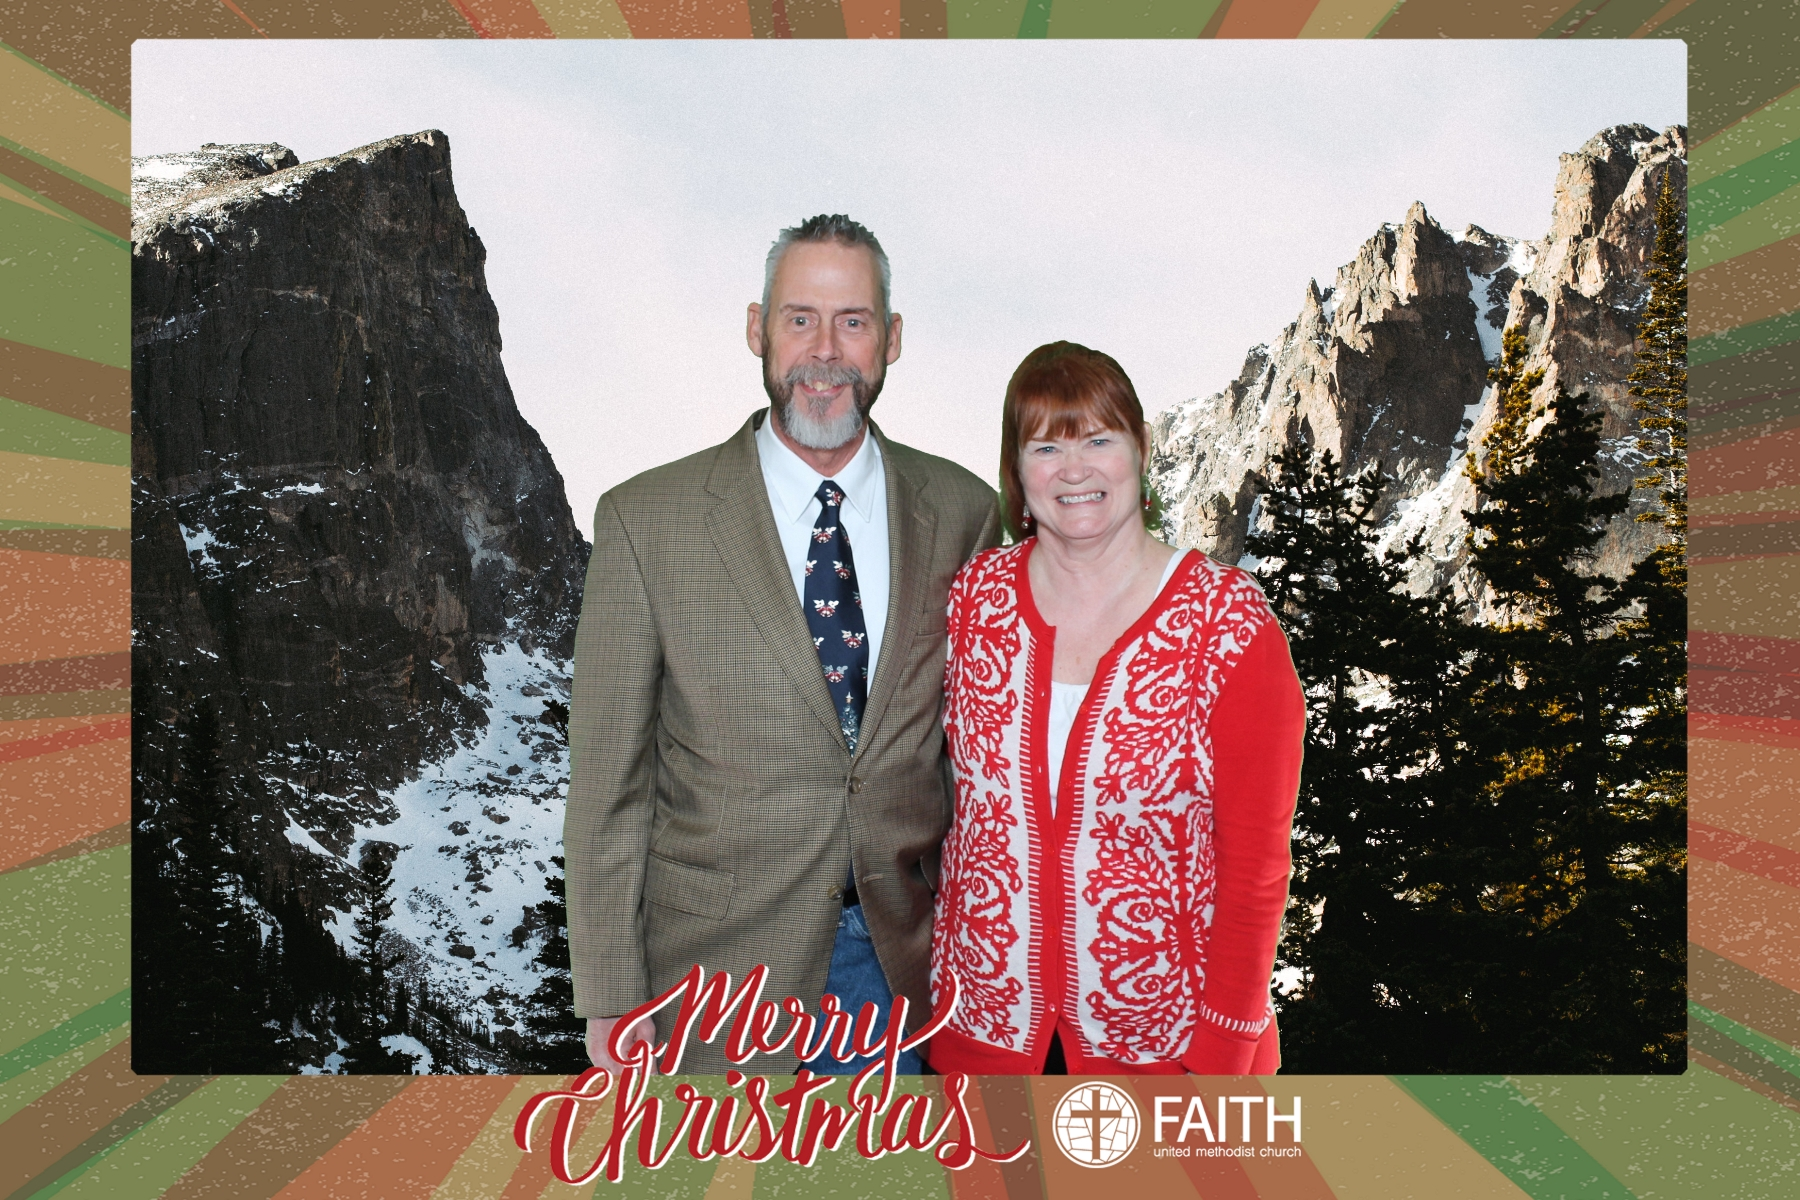 Faith2018_2018-12-24_18-58-54.jpg